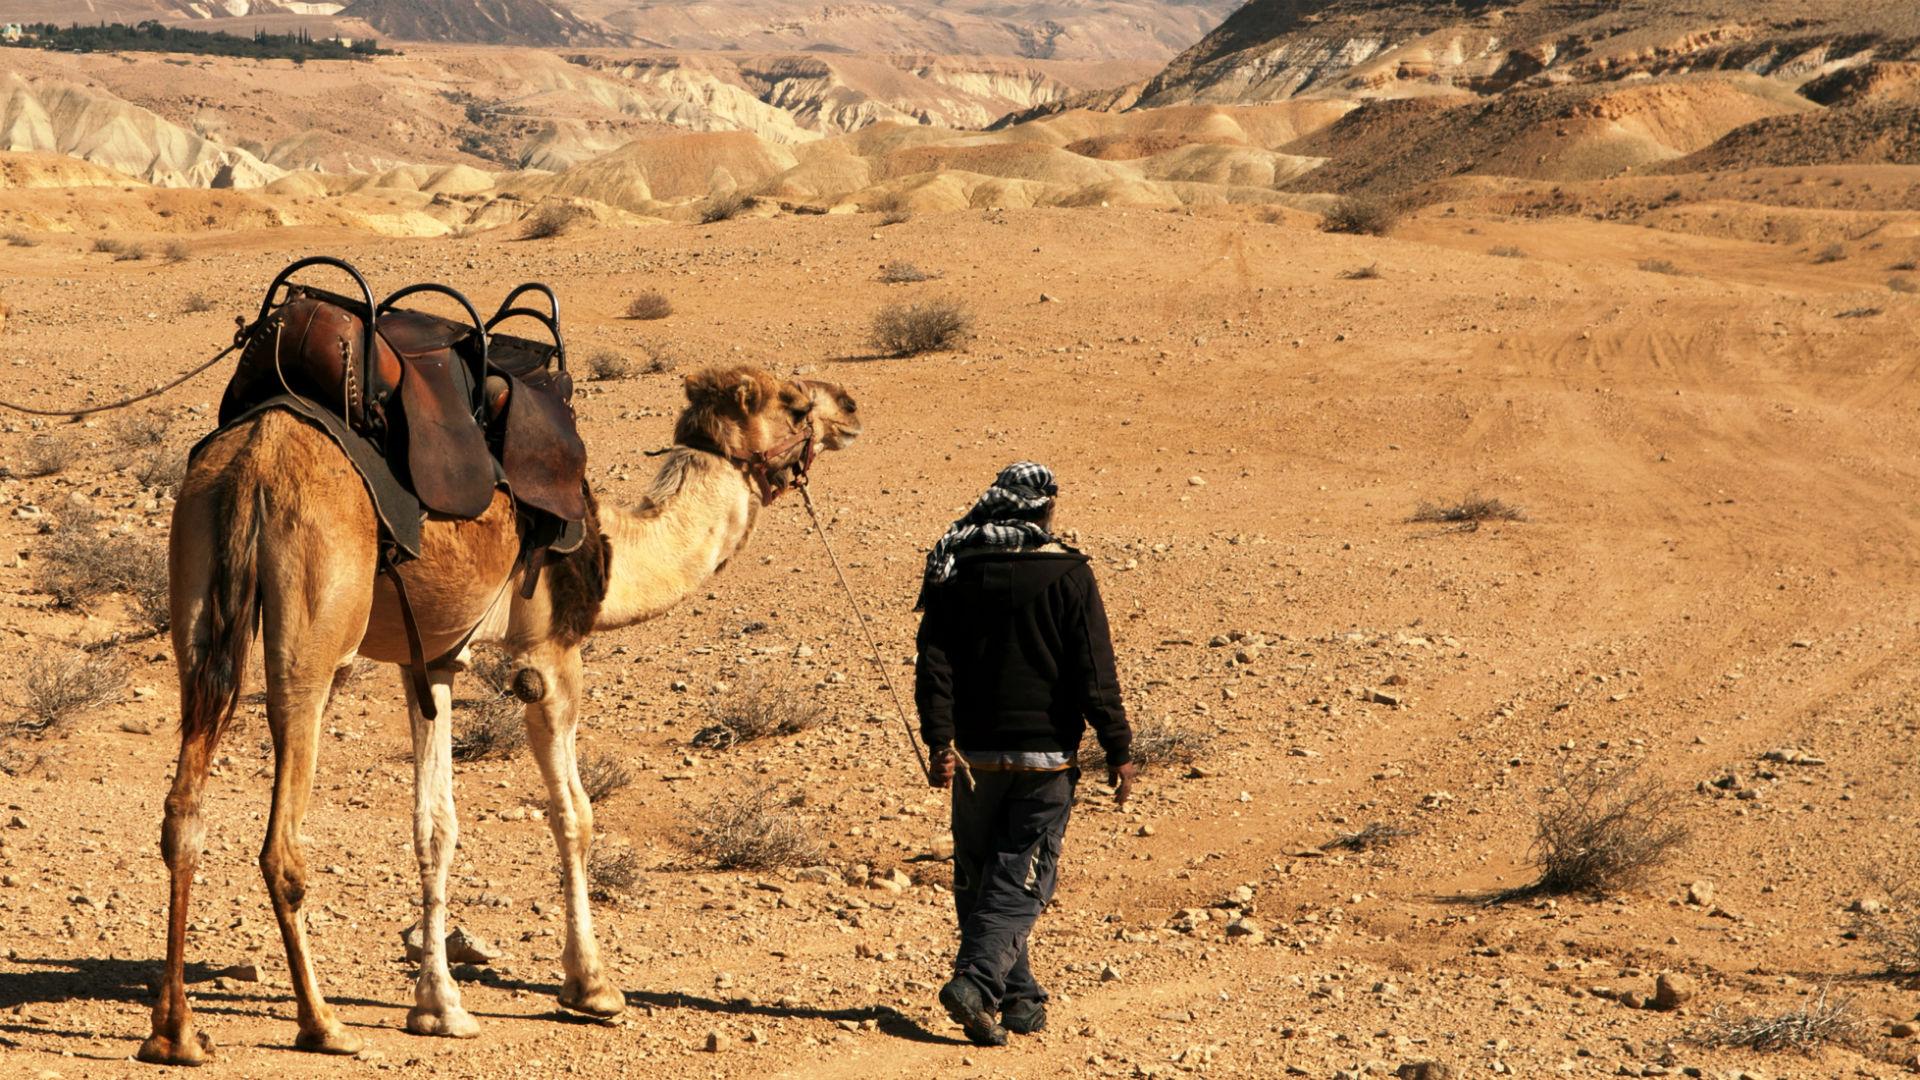 A Bedouin man walks with a camel across the desert,Negev Desert, Israel.